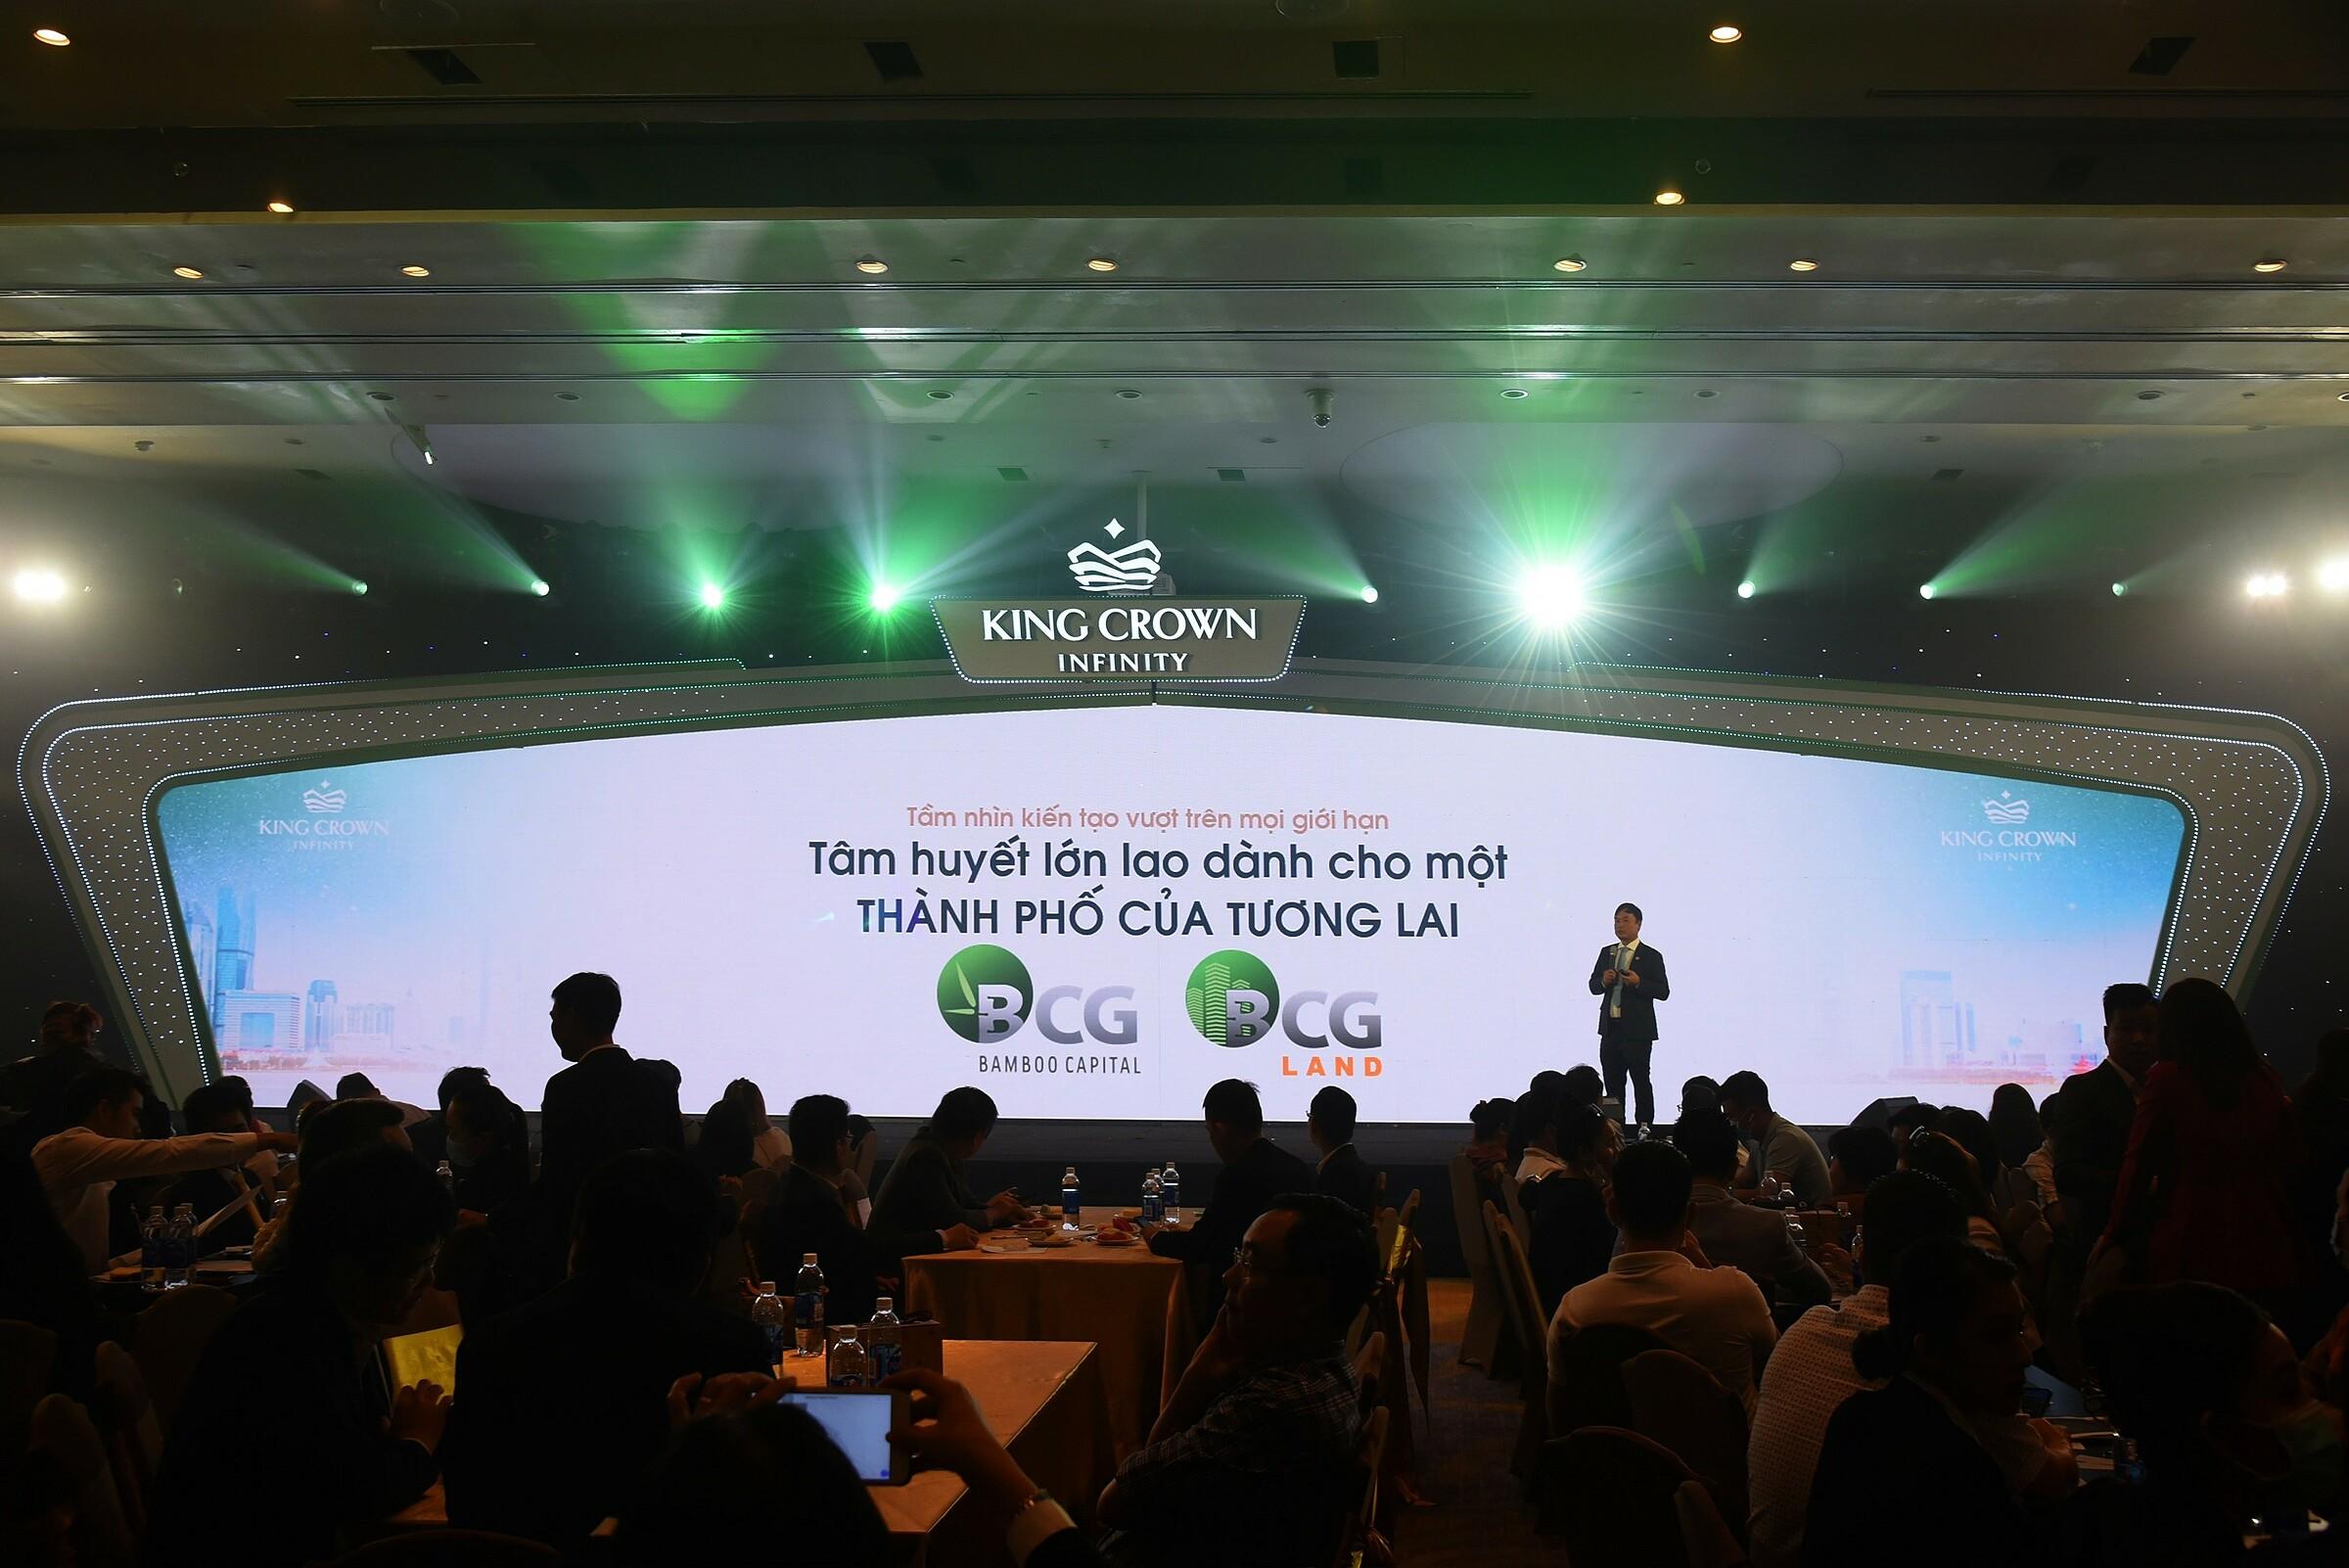 Sự kiện giới thiệu chính thức King Crown Infinity thu hút sự quan tâm lớn từ toàn thị trường. Ảnh: BCG Land.